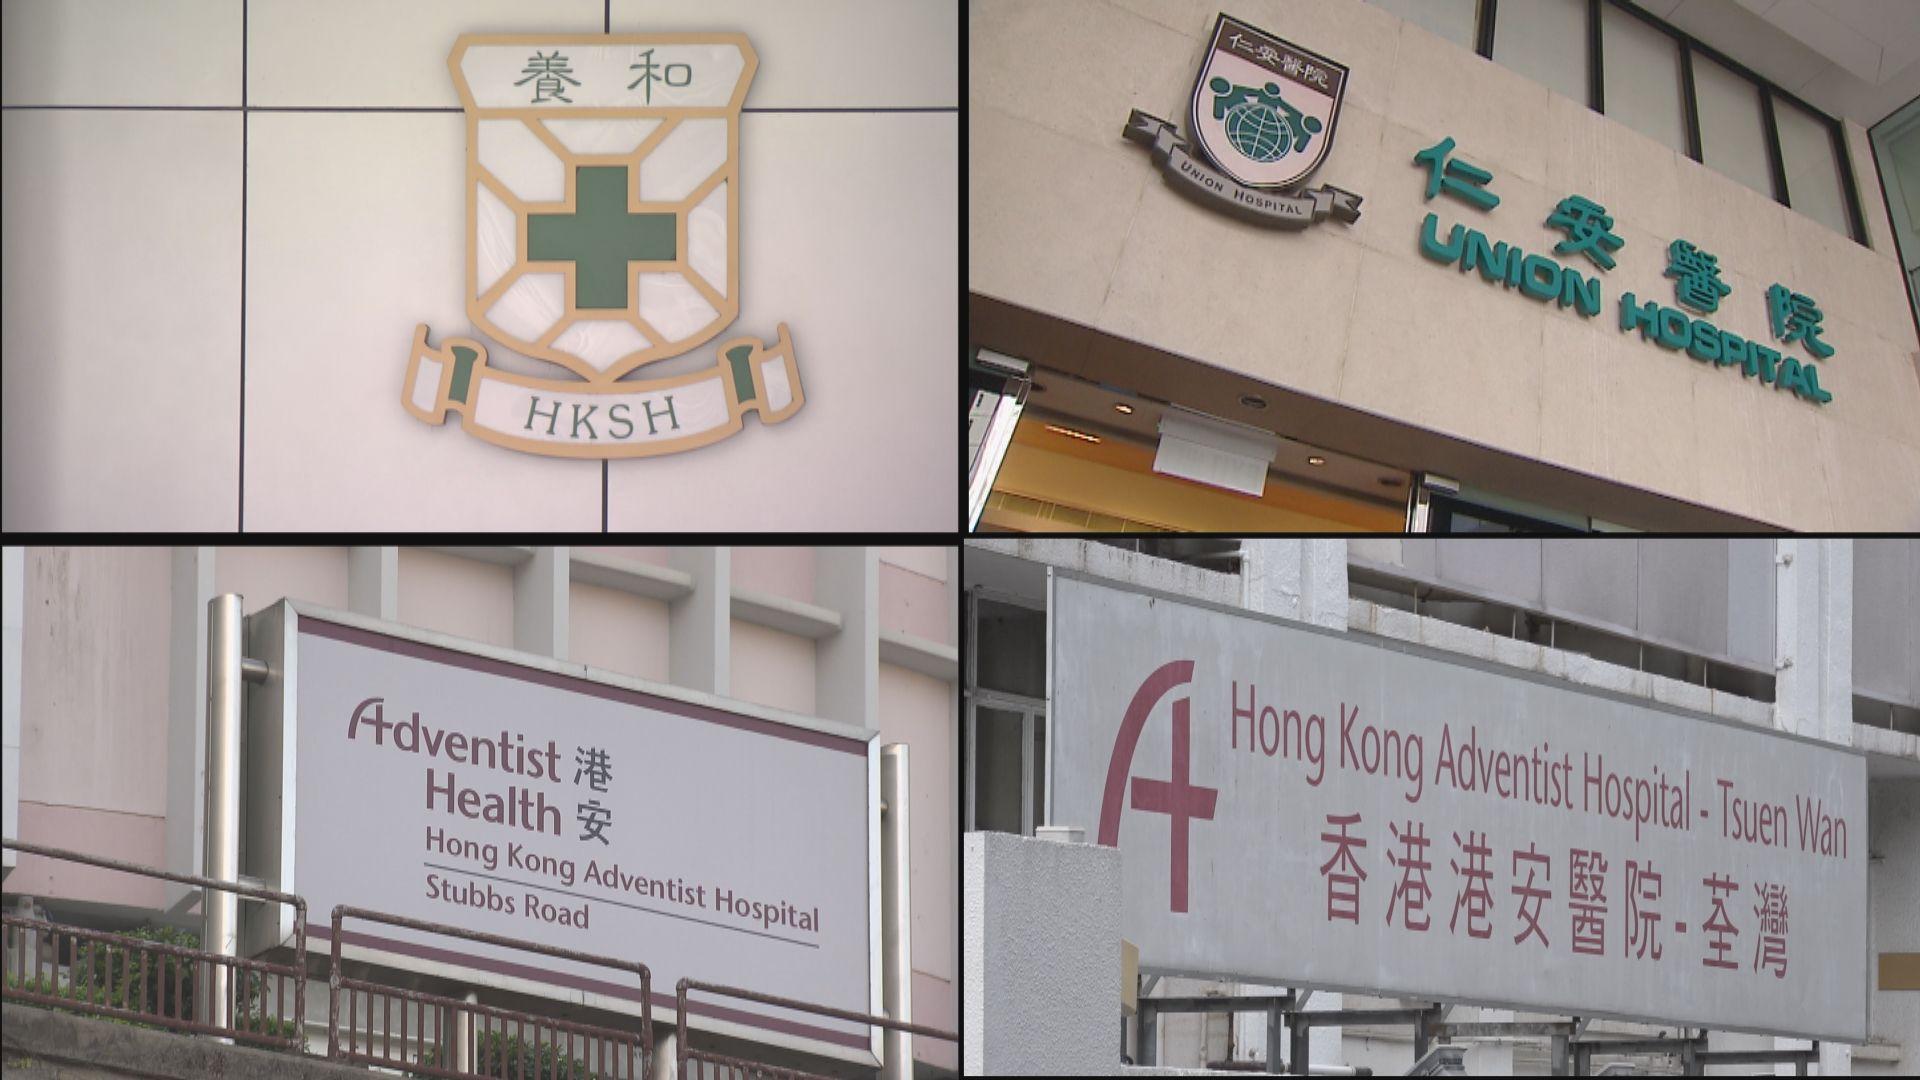 【健康碼】據了解不多於十間機構納入粵港澳新冠病毒檢測互認名單